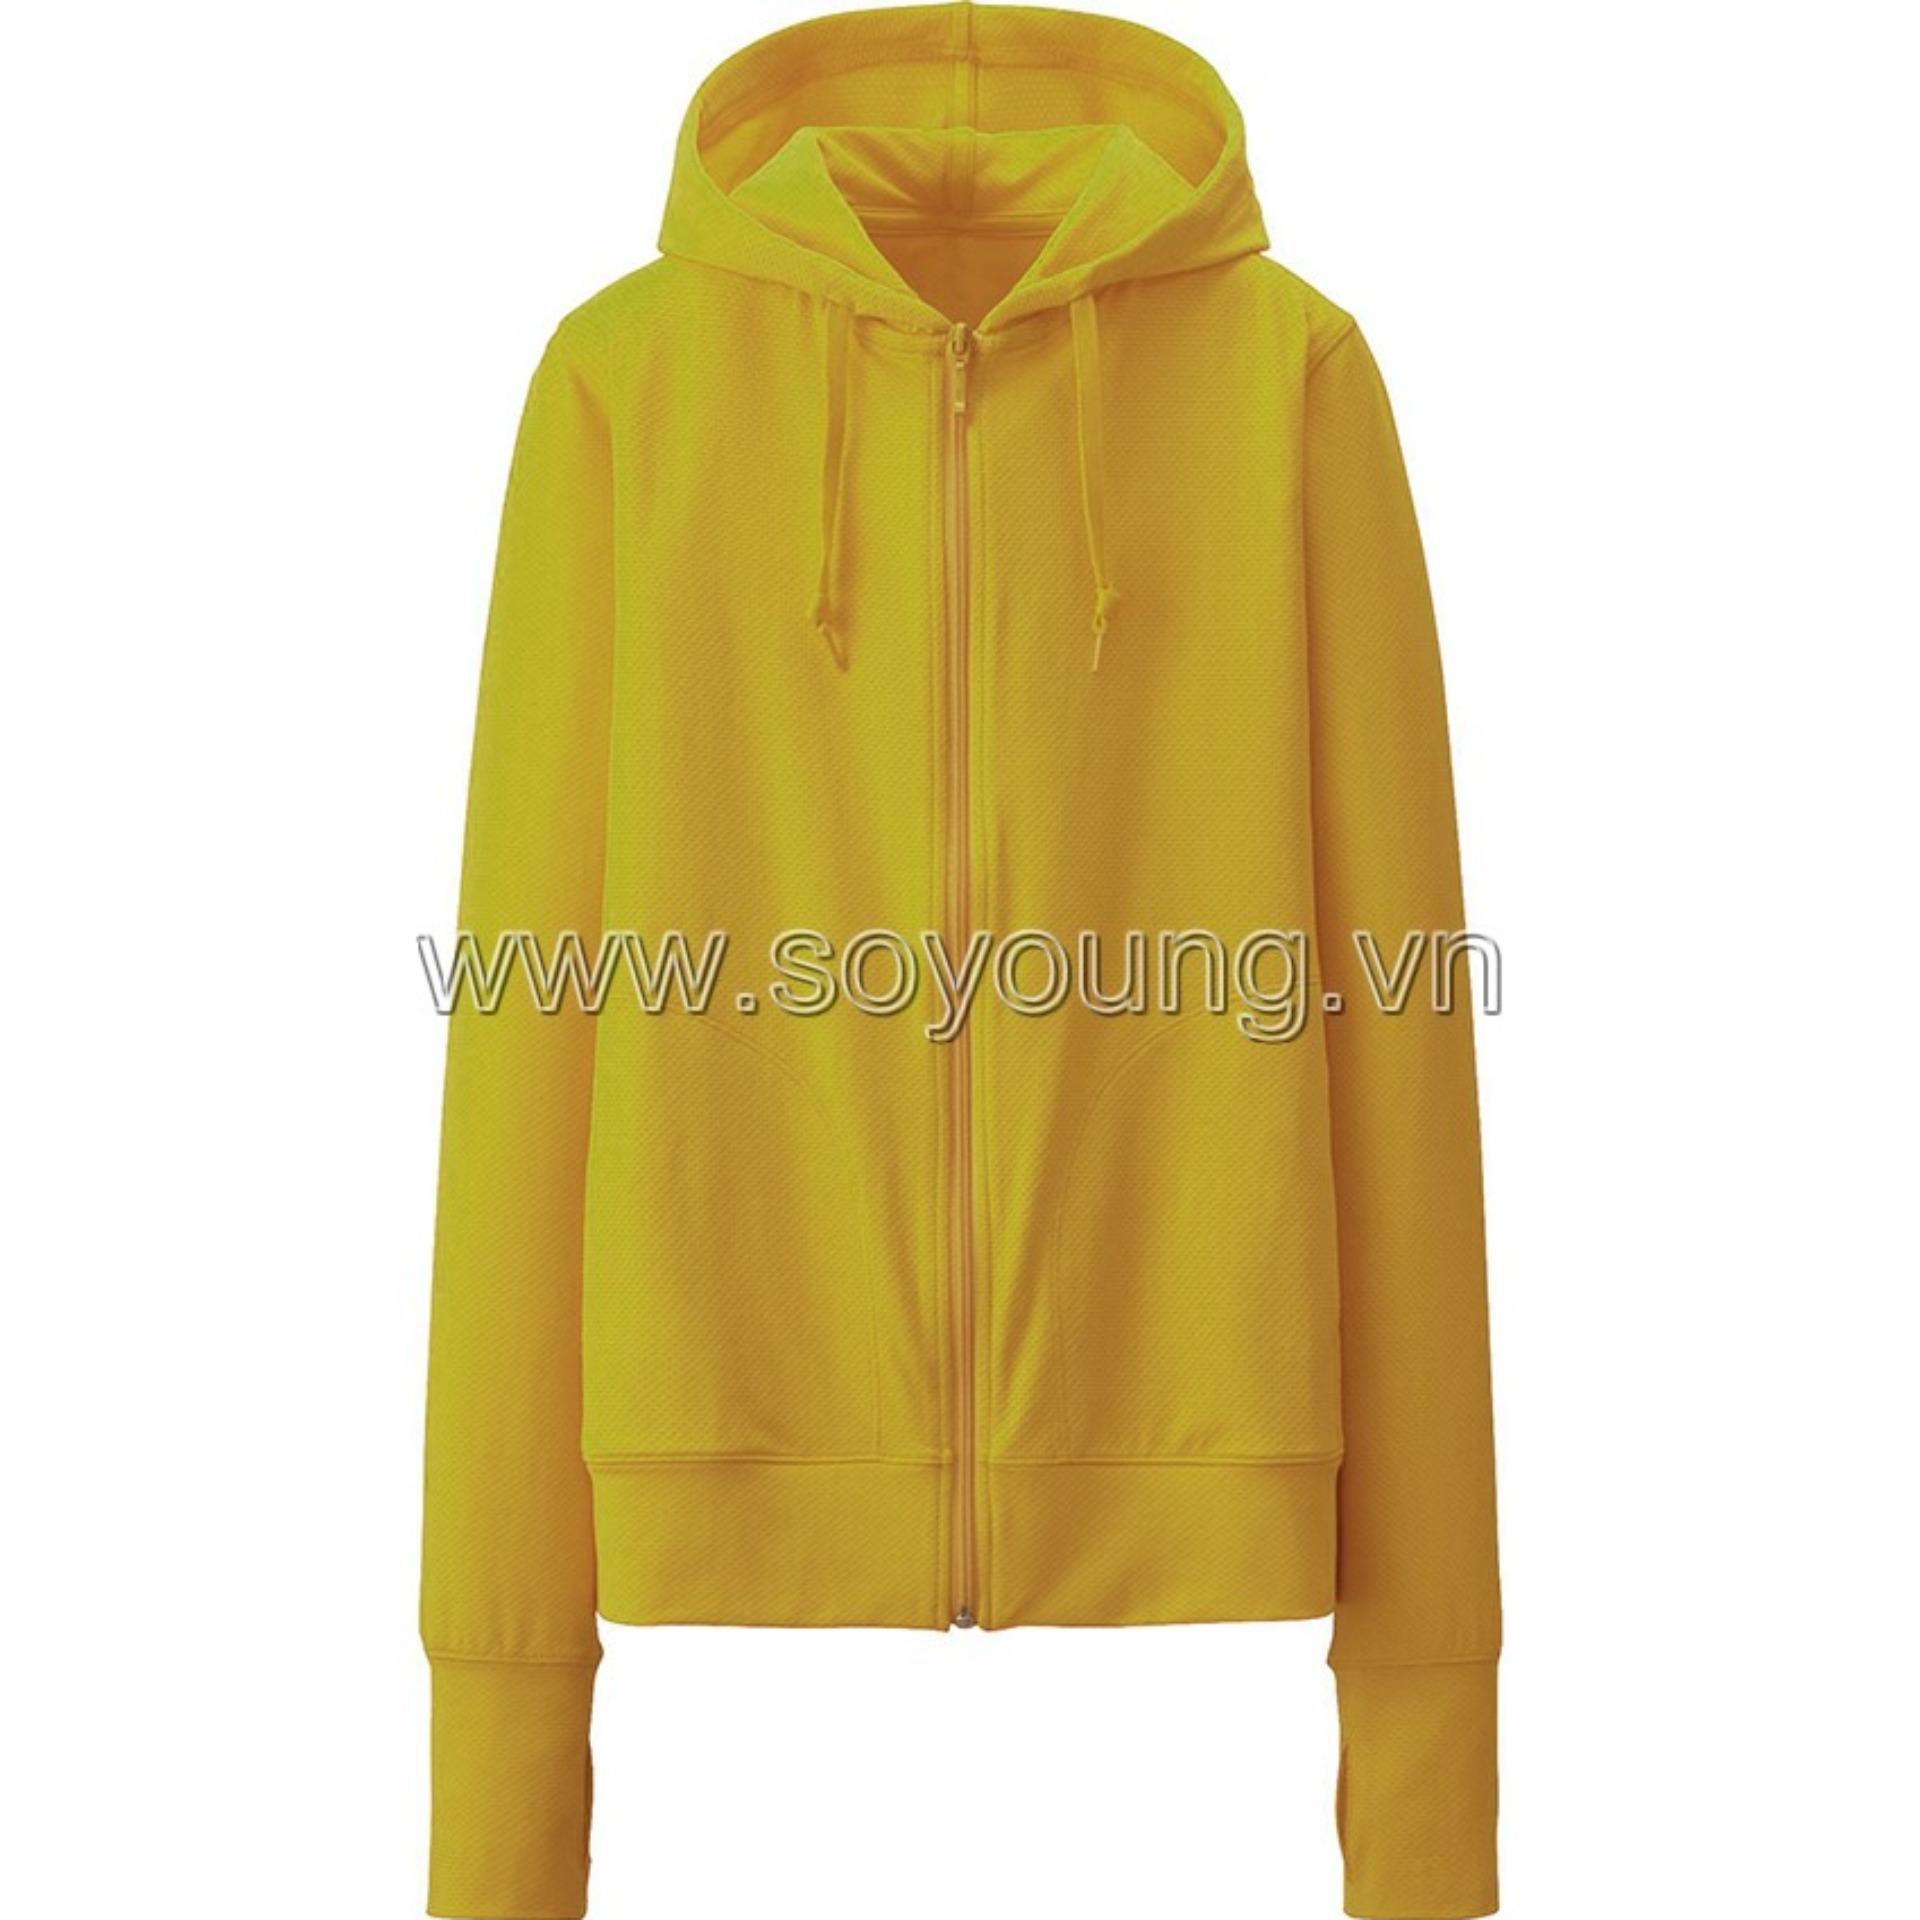 Áo Chống Nắng Cotton Nữ Soyoung Wm Jacket 002C Vio